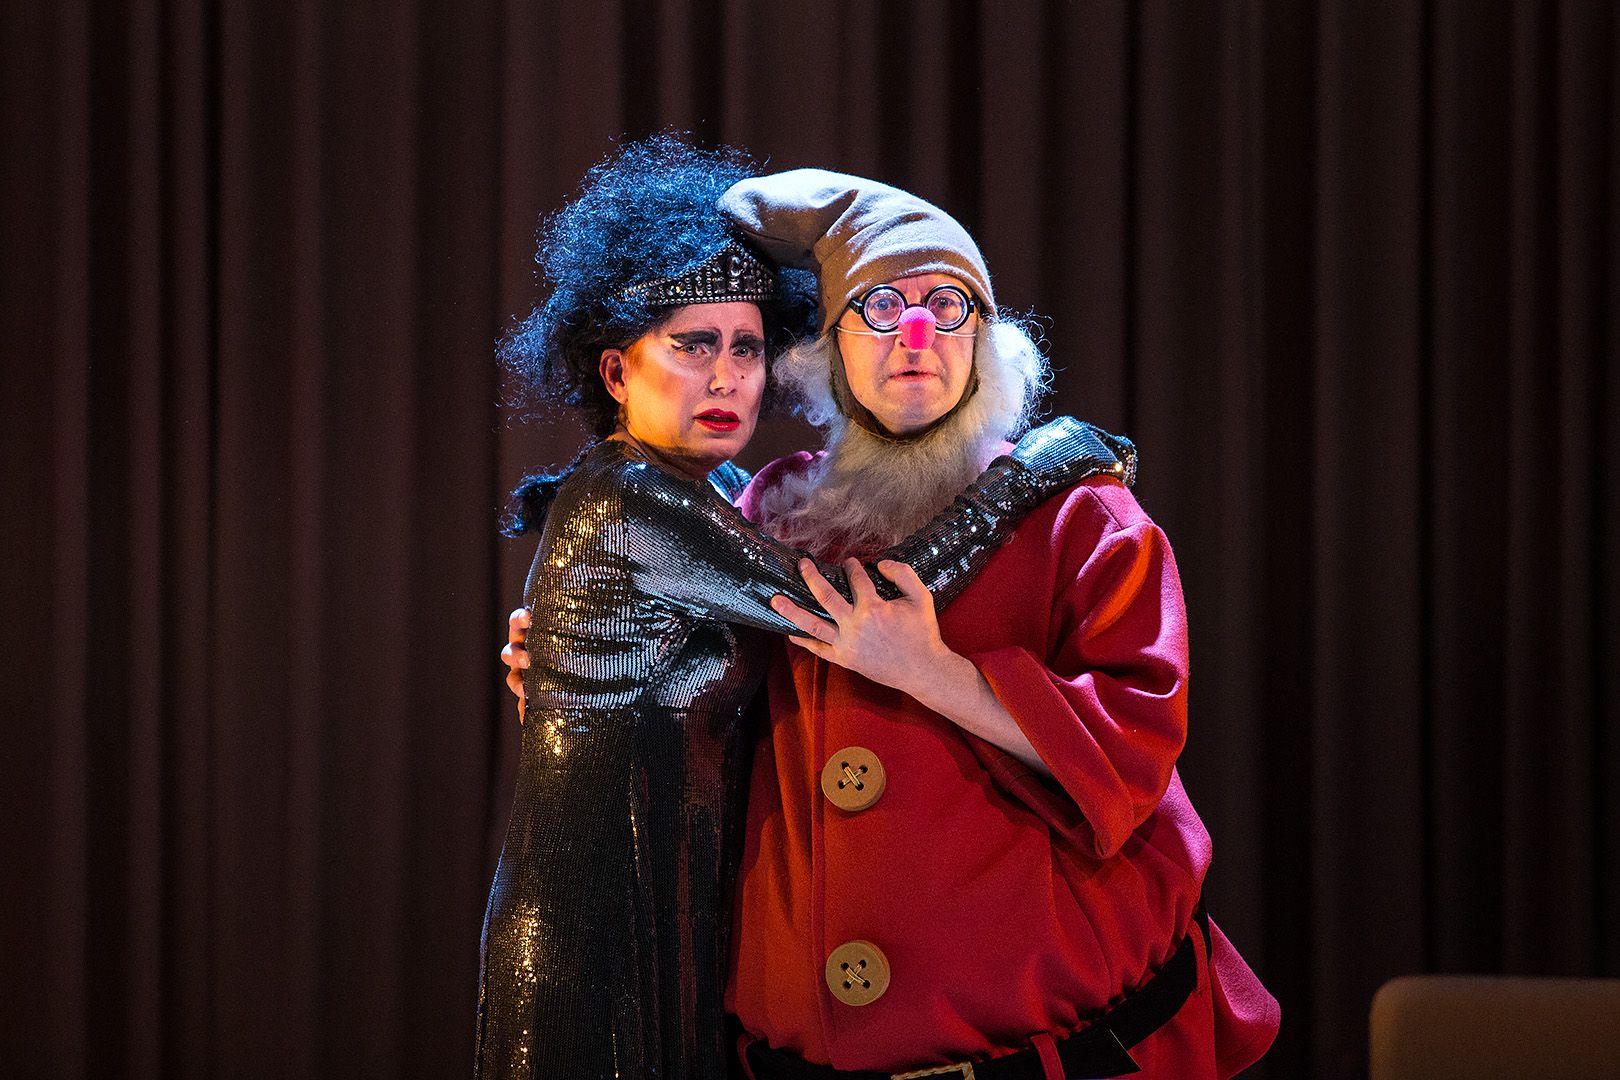 Спектакль «Ваня и Соня и Маша и Гвоздь» в театре «Сатирикон» фото 6